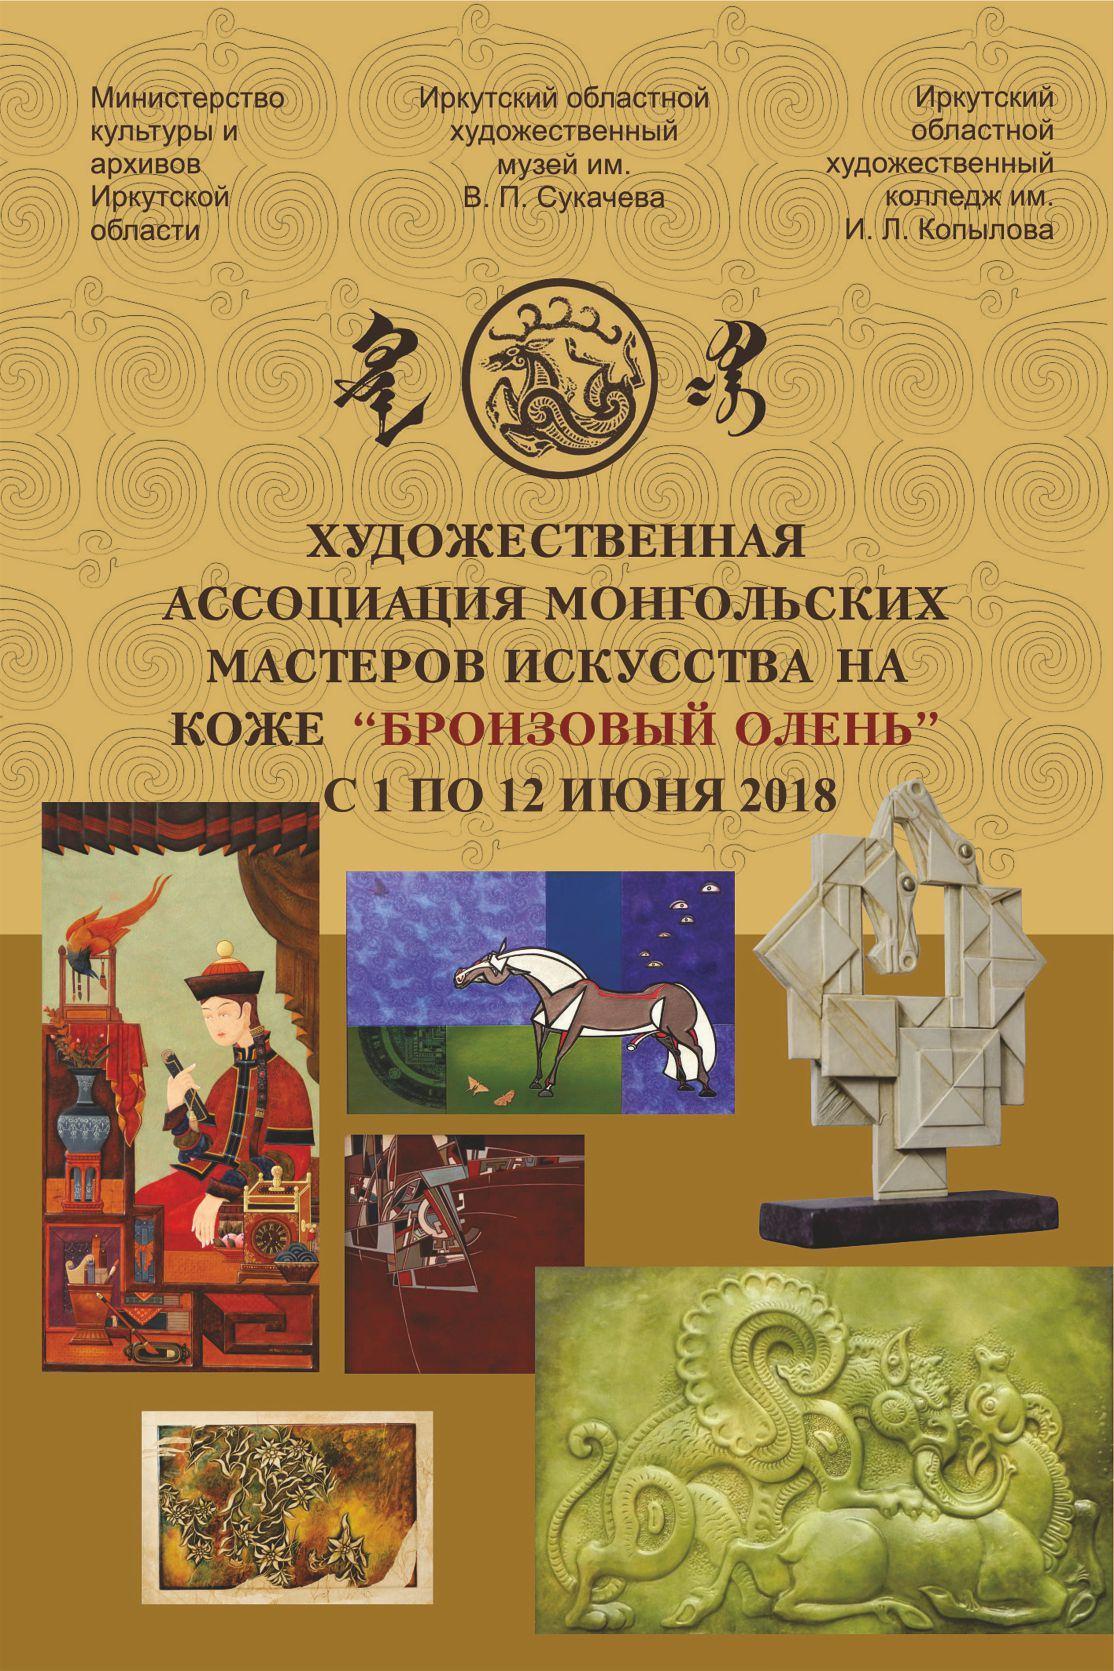 """Exhibition of Mongolian masters """"Bronze deer"""""""